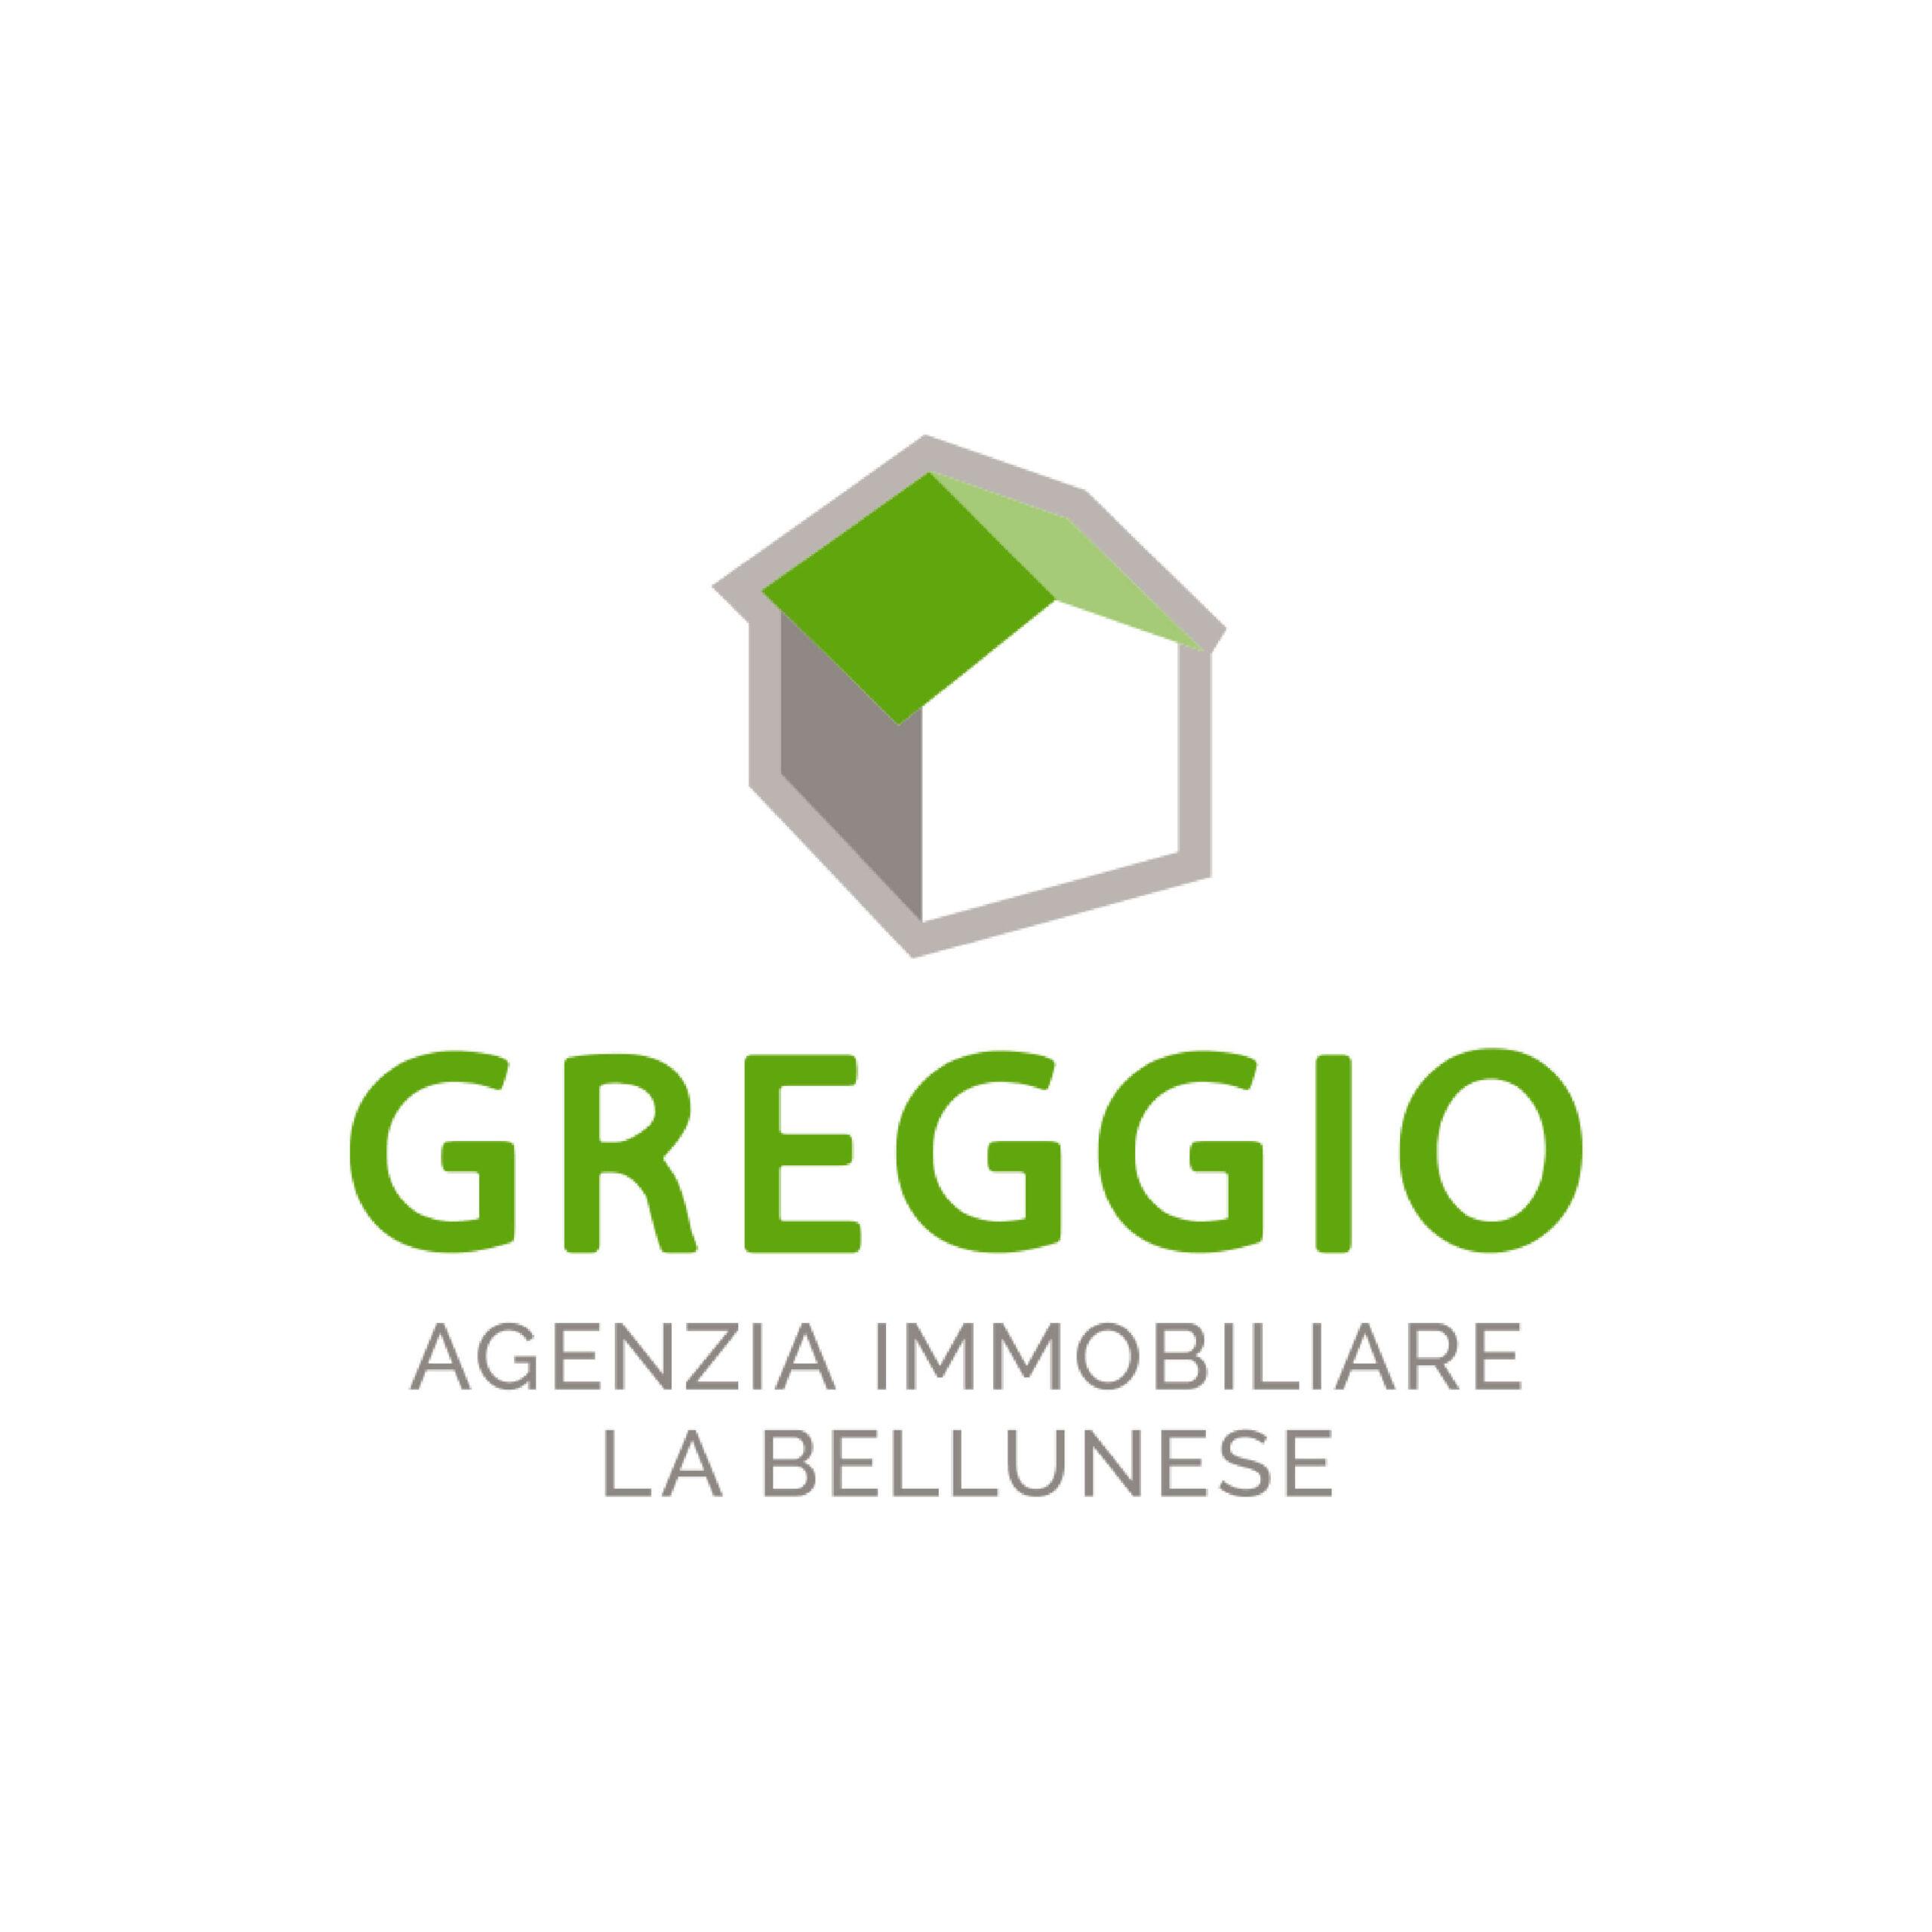 Greggio AG Immobiliare La Bellunese